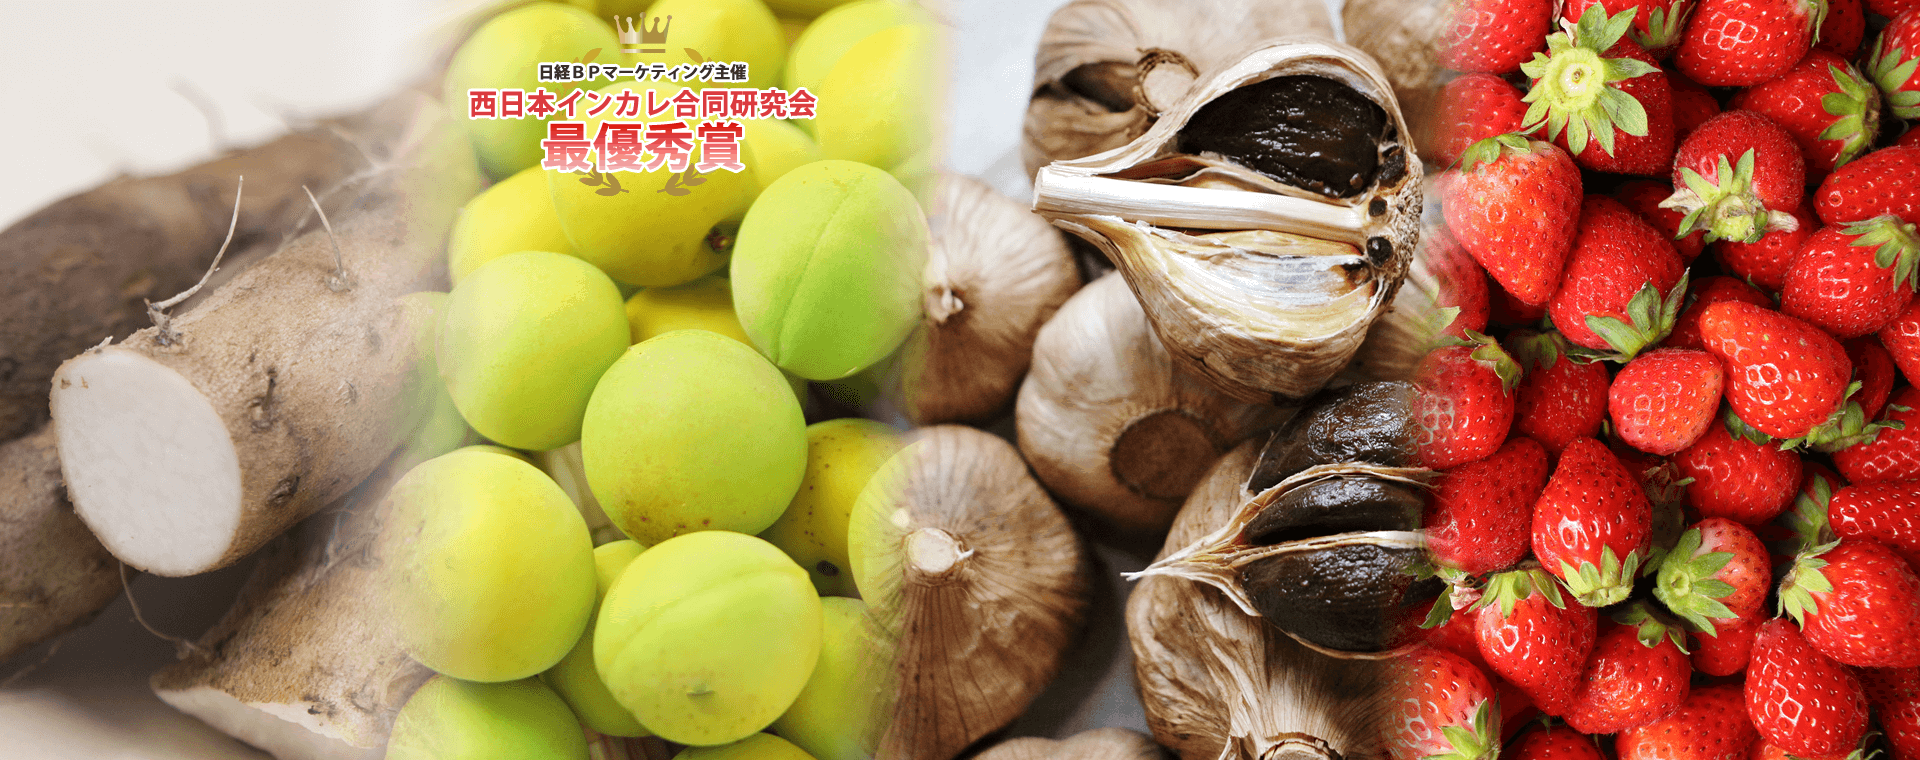 新鮮さにこだわった地元の作物と国産の自然薯を贅沢に使用した最高の仕上がりの一品。